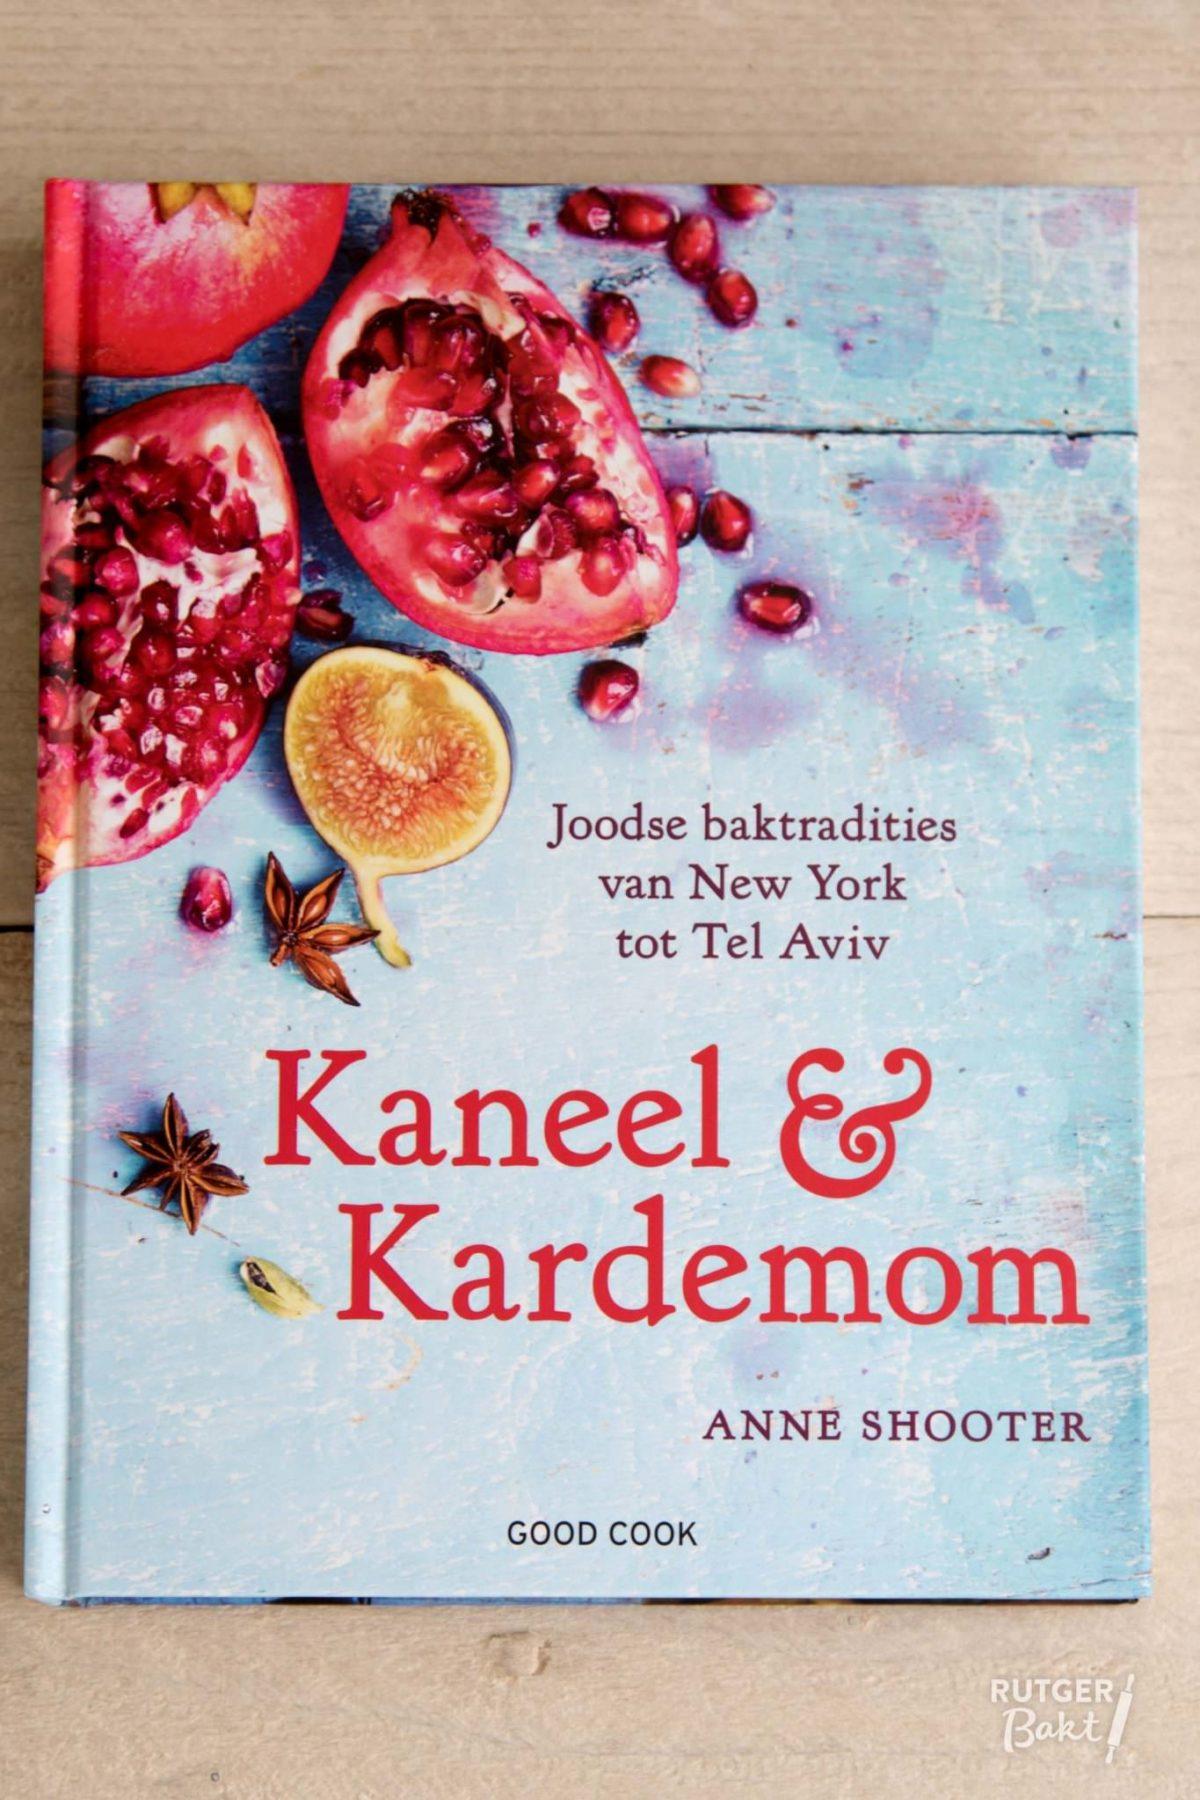 Kaneel & Kardemom van Anne Shooter – review